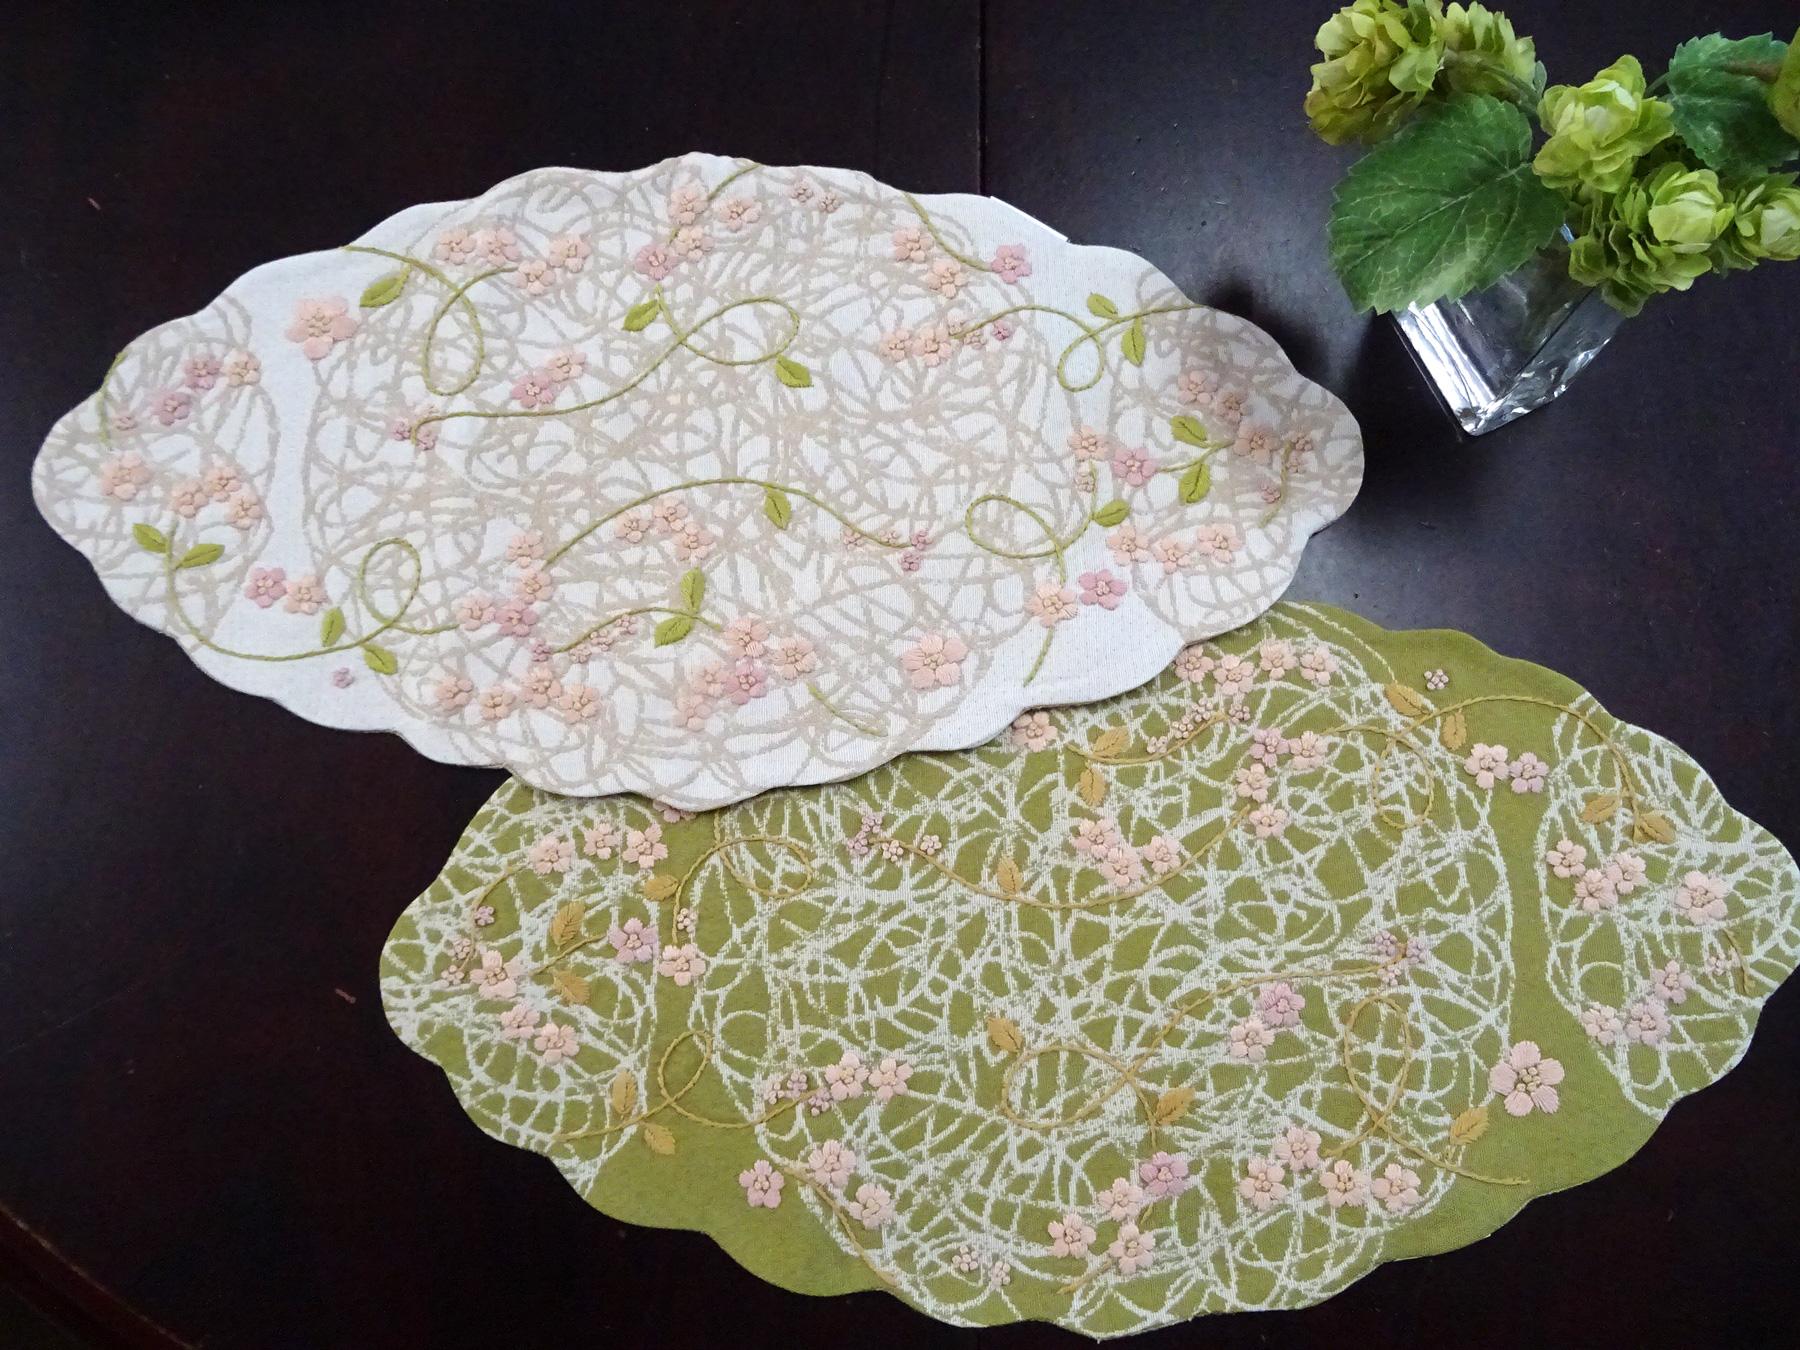 手刺繍がかわいい木の葉型『テーブルセンター』和モダンのお部屋にもピッタリ*ティーマット*お茶